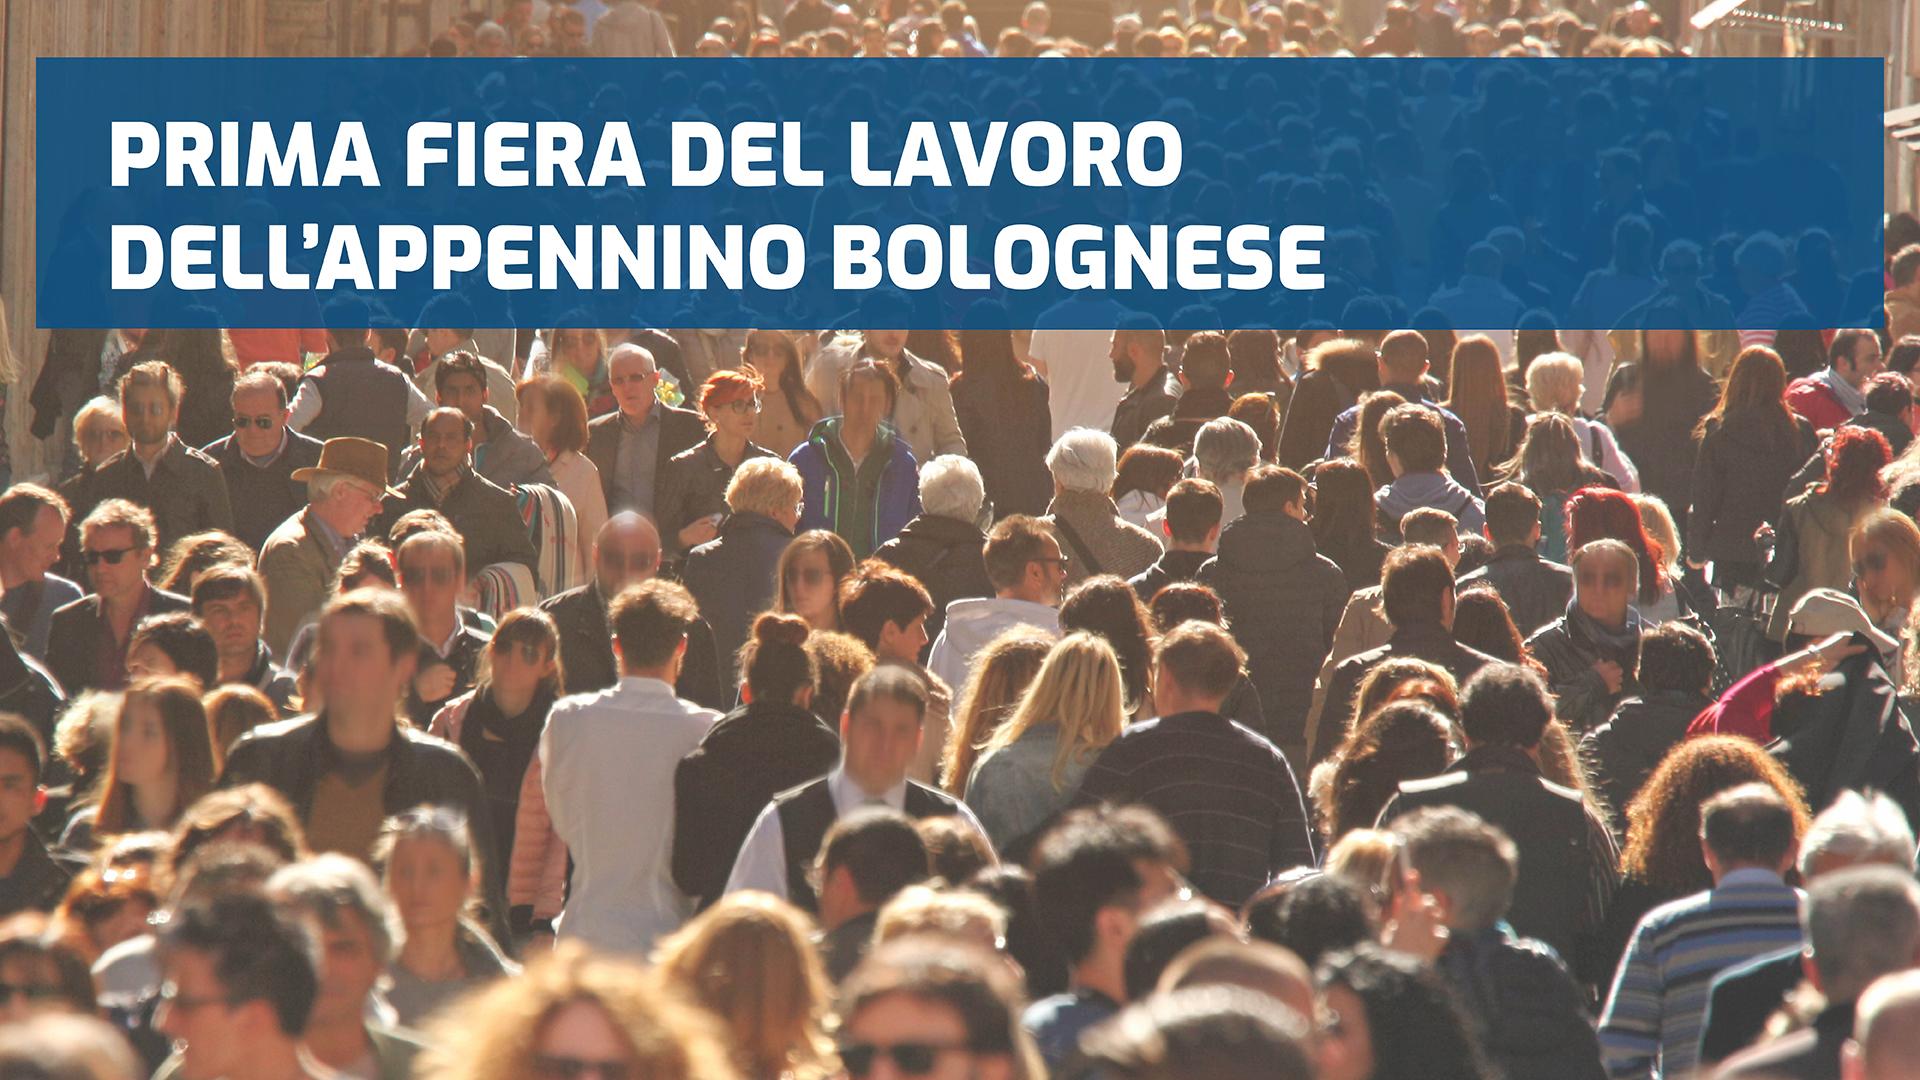 Il 9 aprile a Vergato la prima Fiera del lavoro dell'Appennino bolognese per fare incontrare chi cerca e chi offre lavoro sul territorio